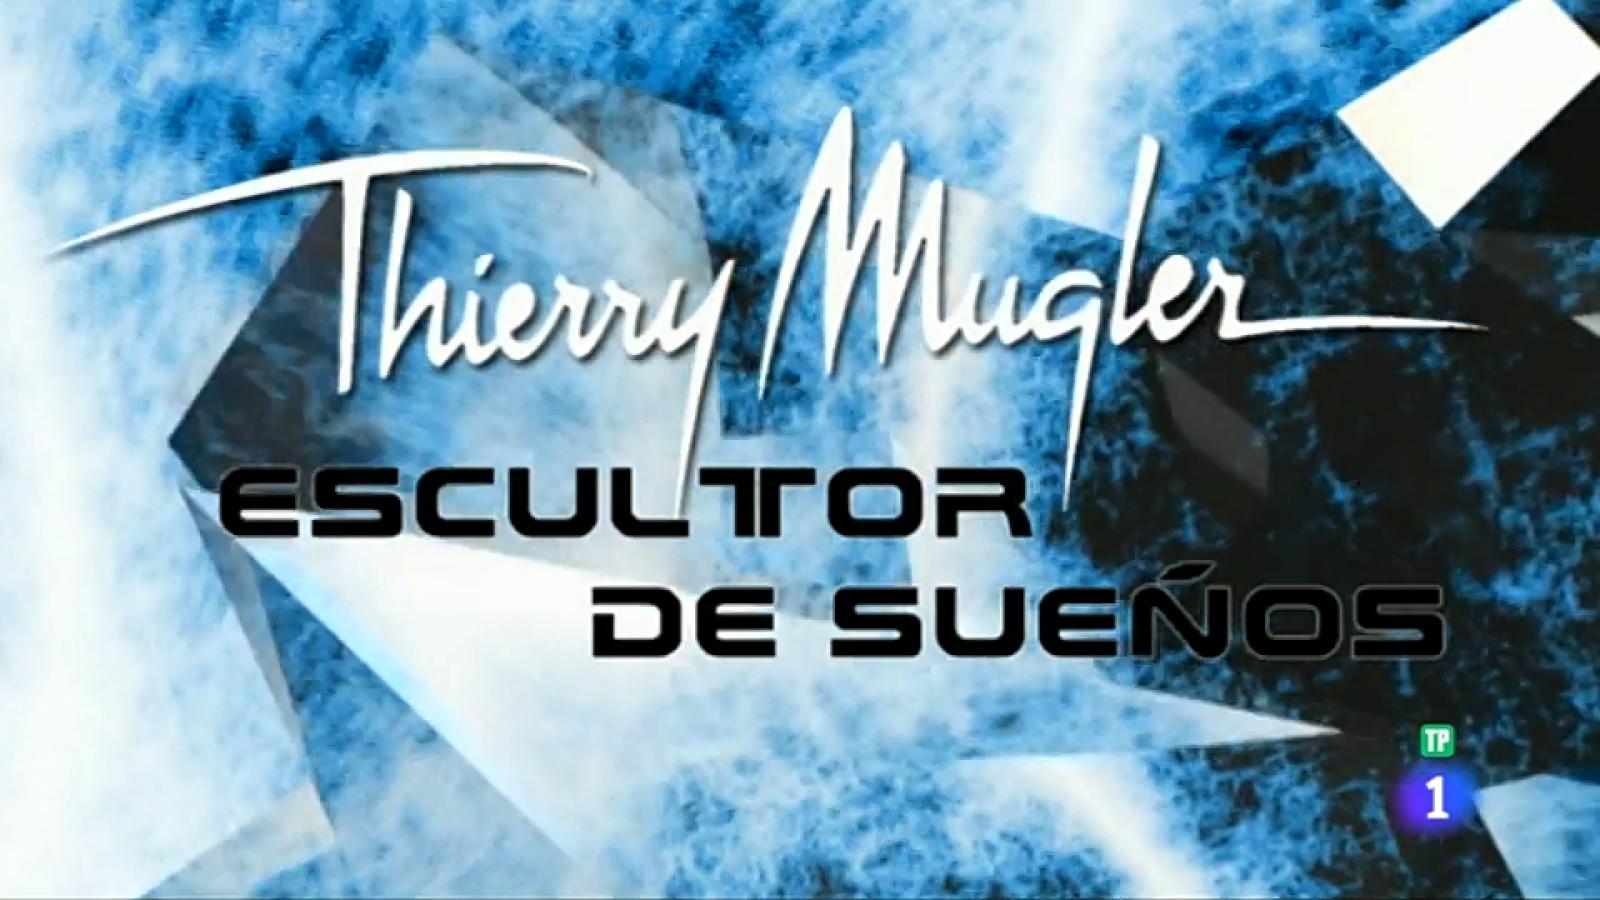 7e0999083a ... Flash Moda - Thierry Mugler, escultor de sueños - ver ahora reproducir  video